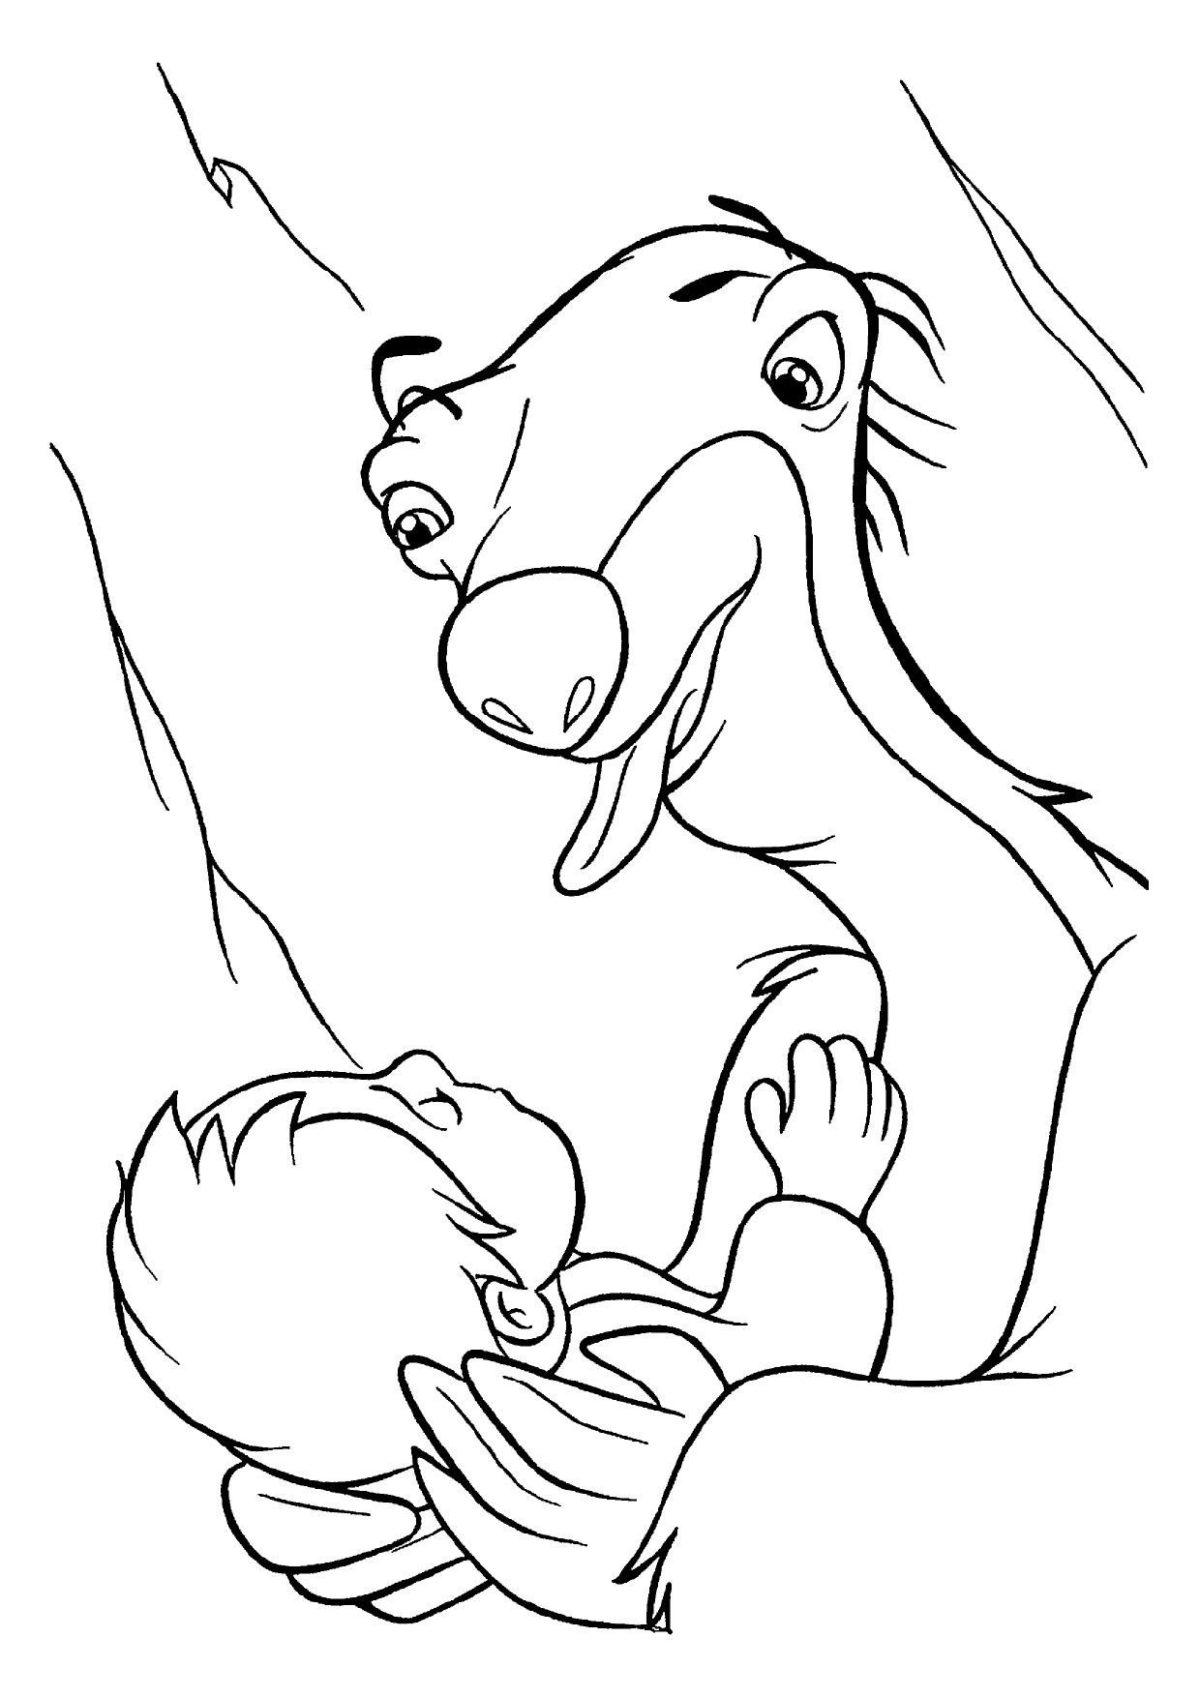 Ленивец Сид укачивает ребёнка - Картинка для раскрашивания красками-гуашью